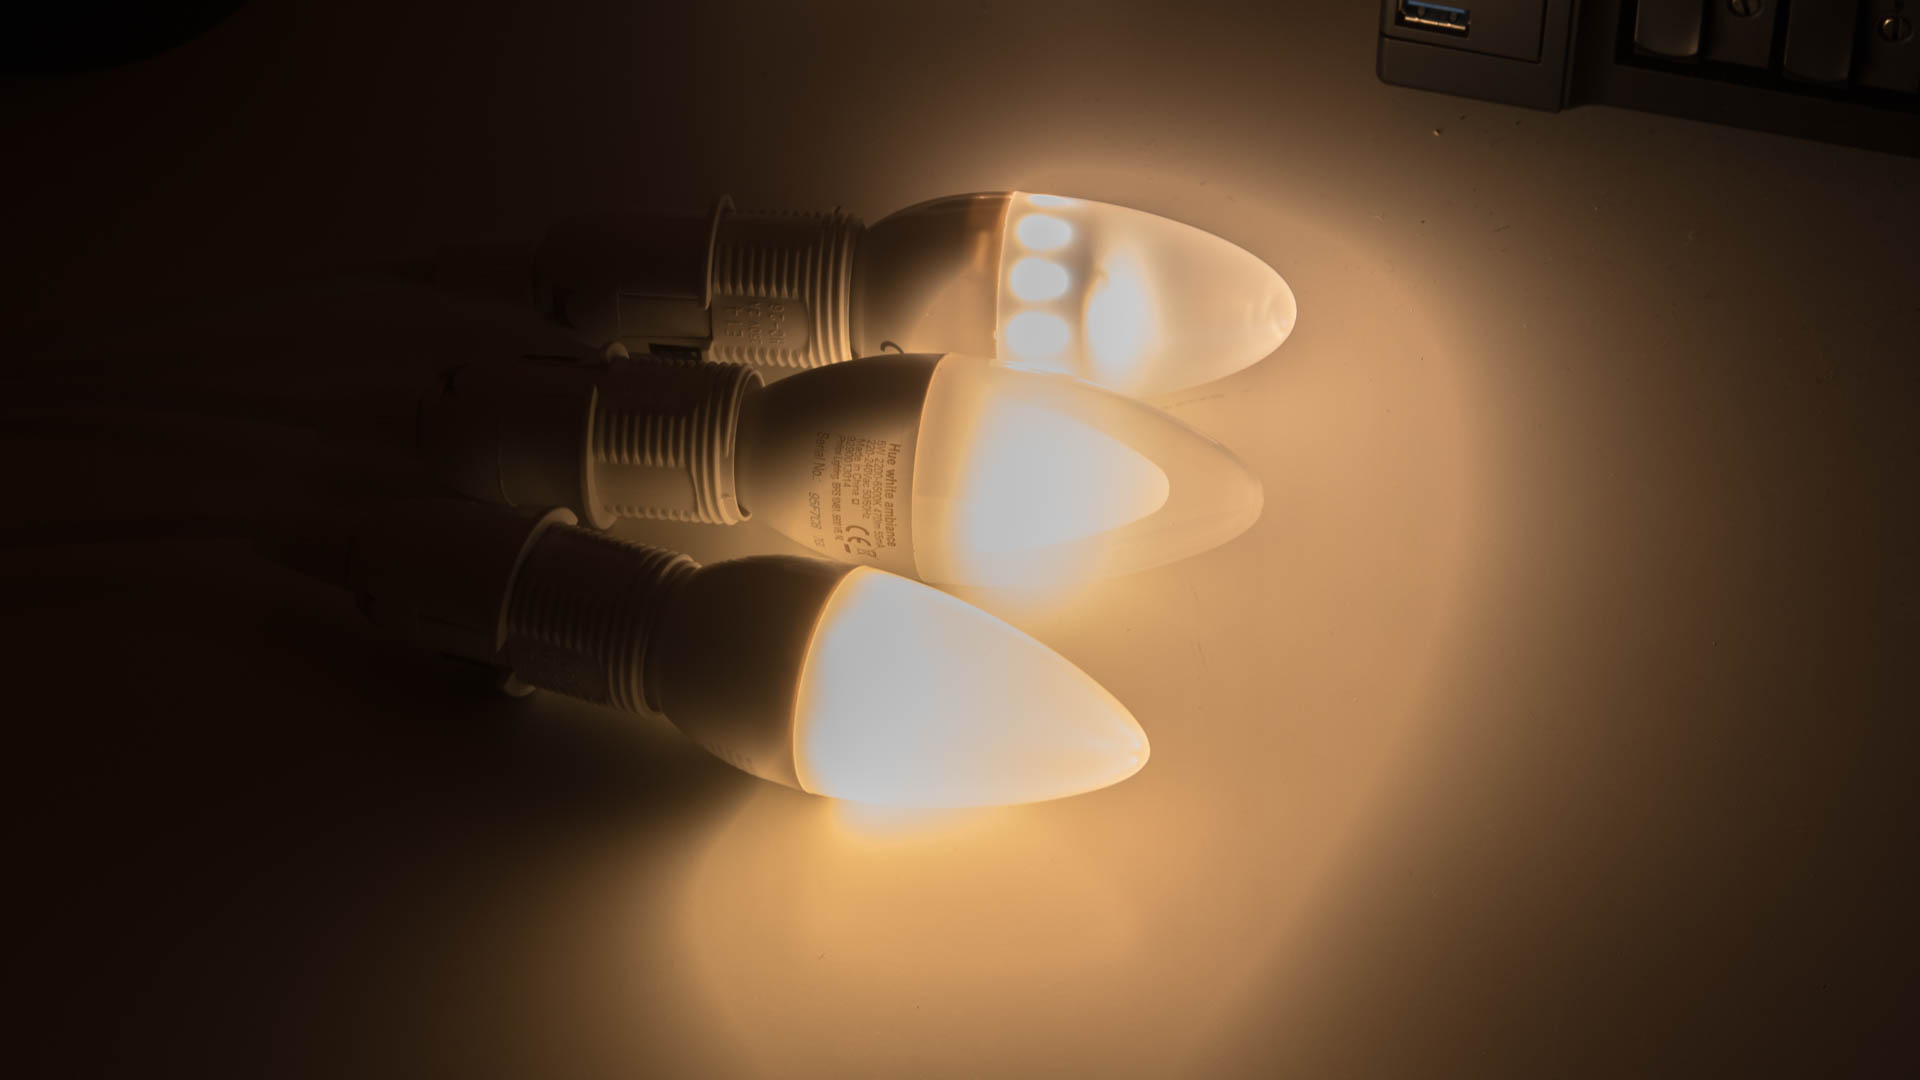 Hue Lampen E14 : Alternative e glühbirnen für das philips hue system im vergleich